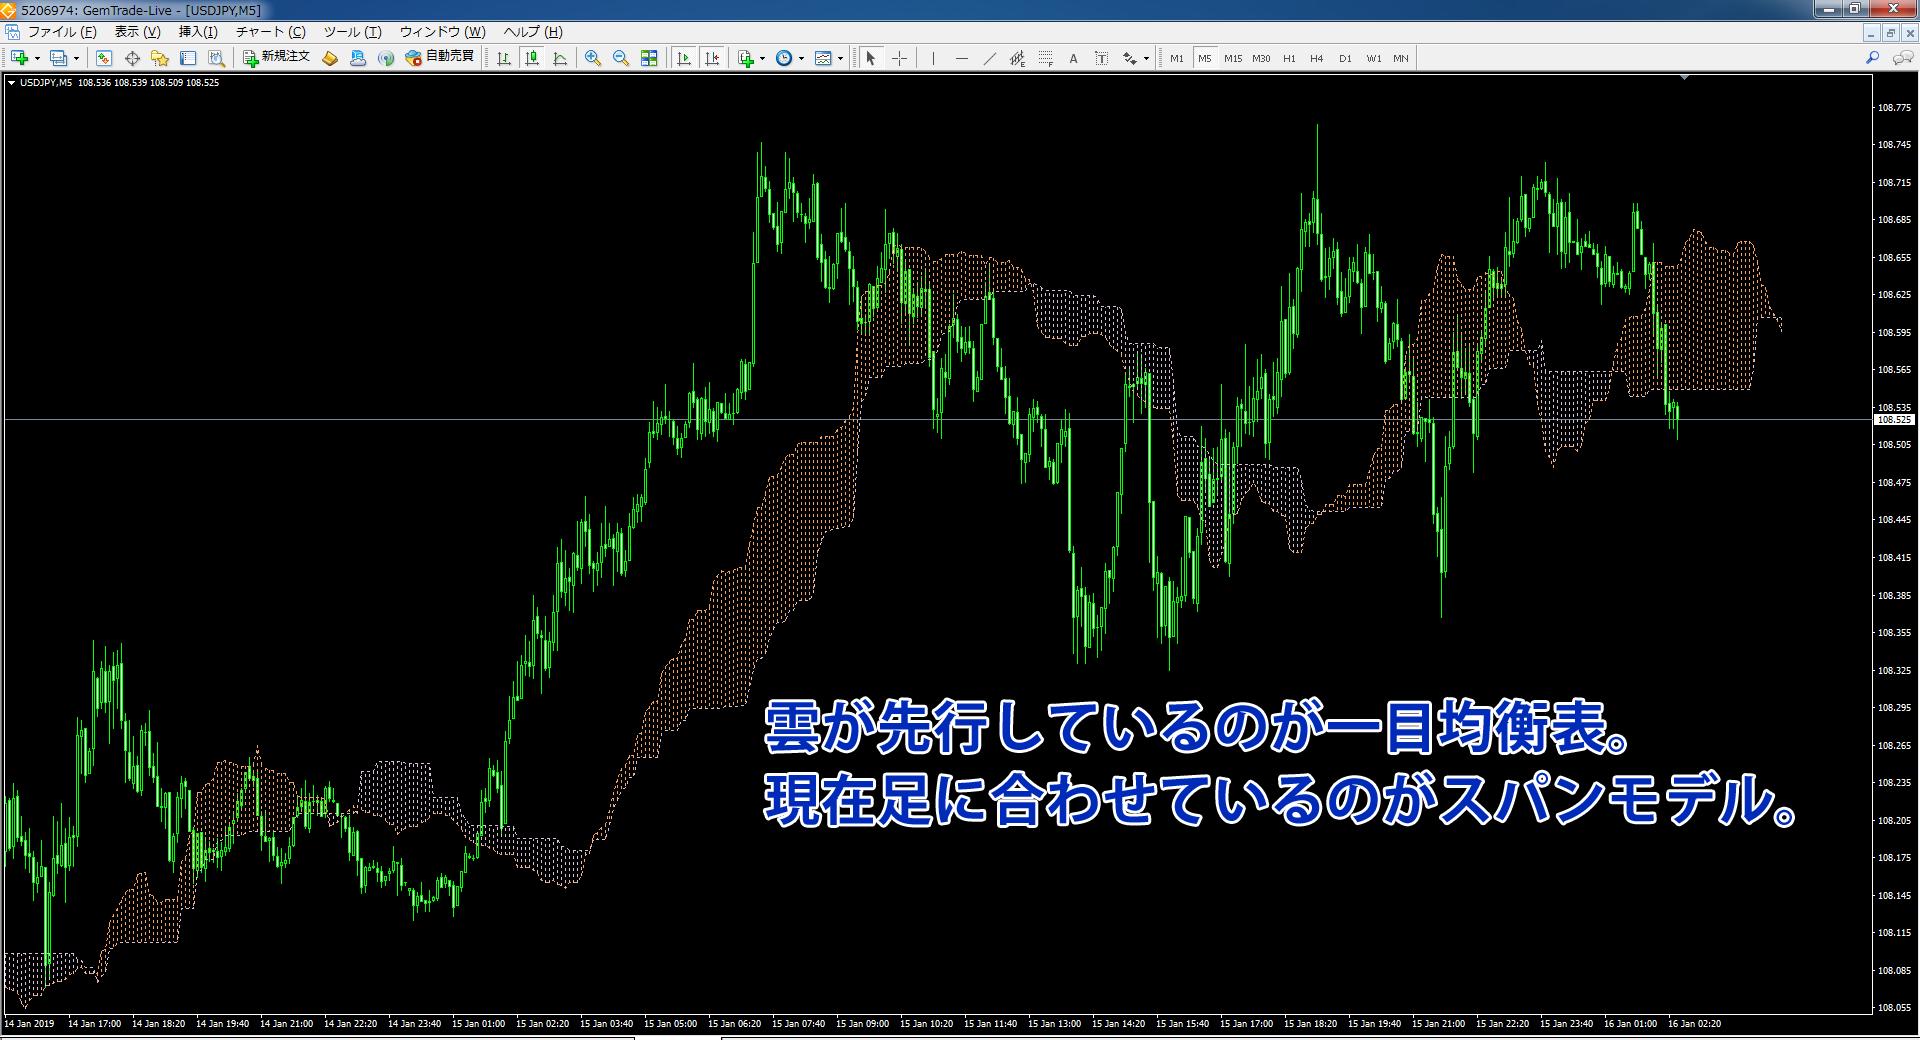 一目均衡表をドル円チャートに表示させた画像